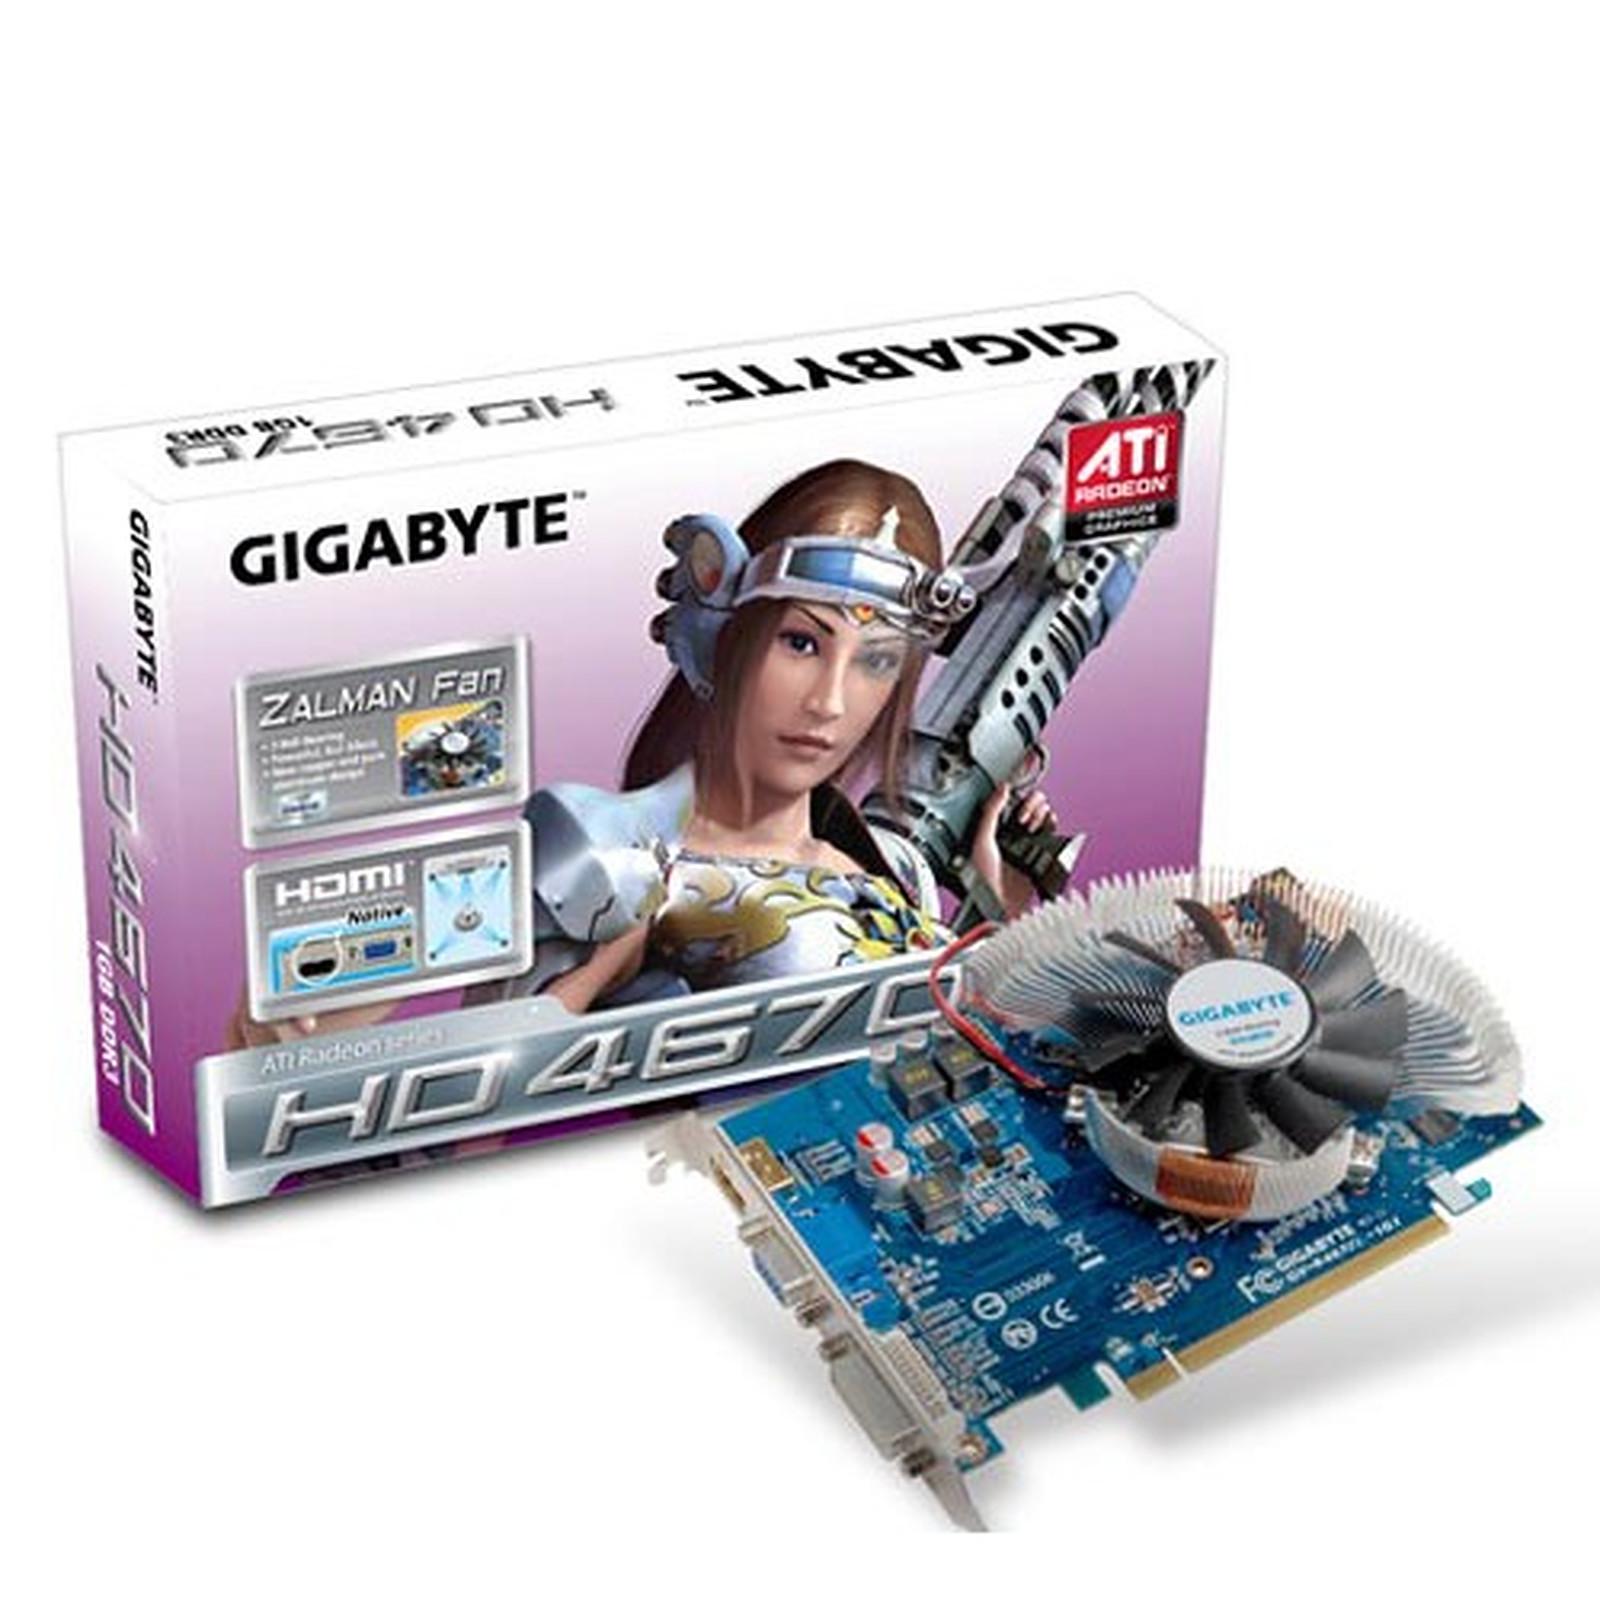 Gigabyte GV-R467ZL-1GI